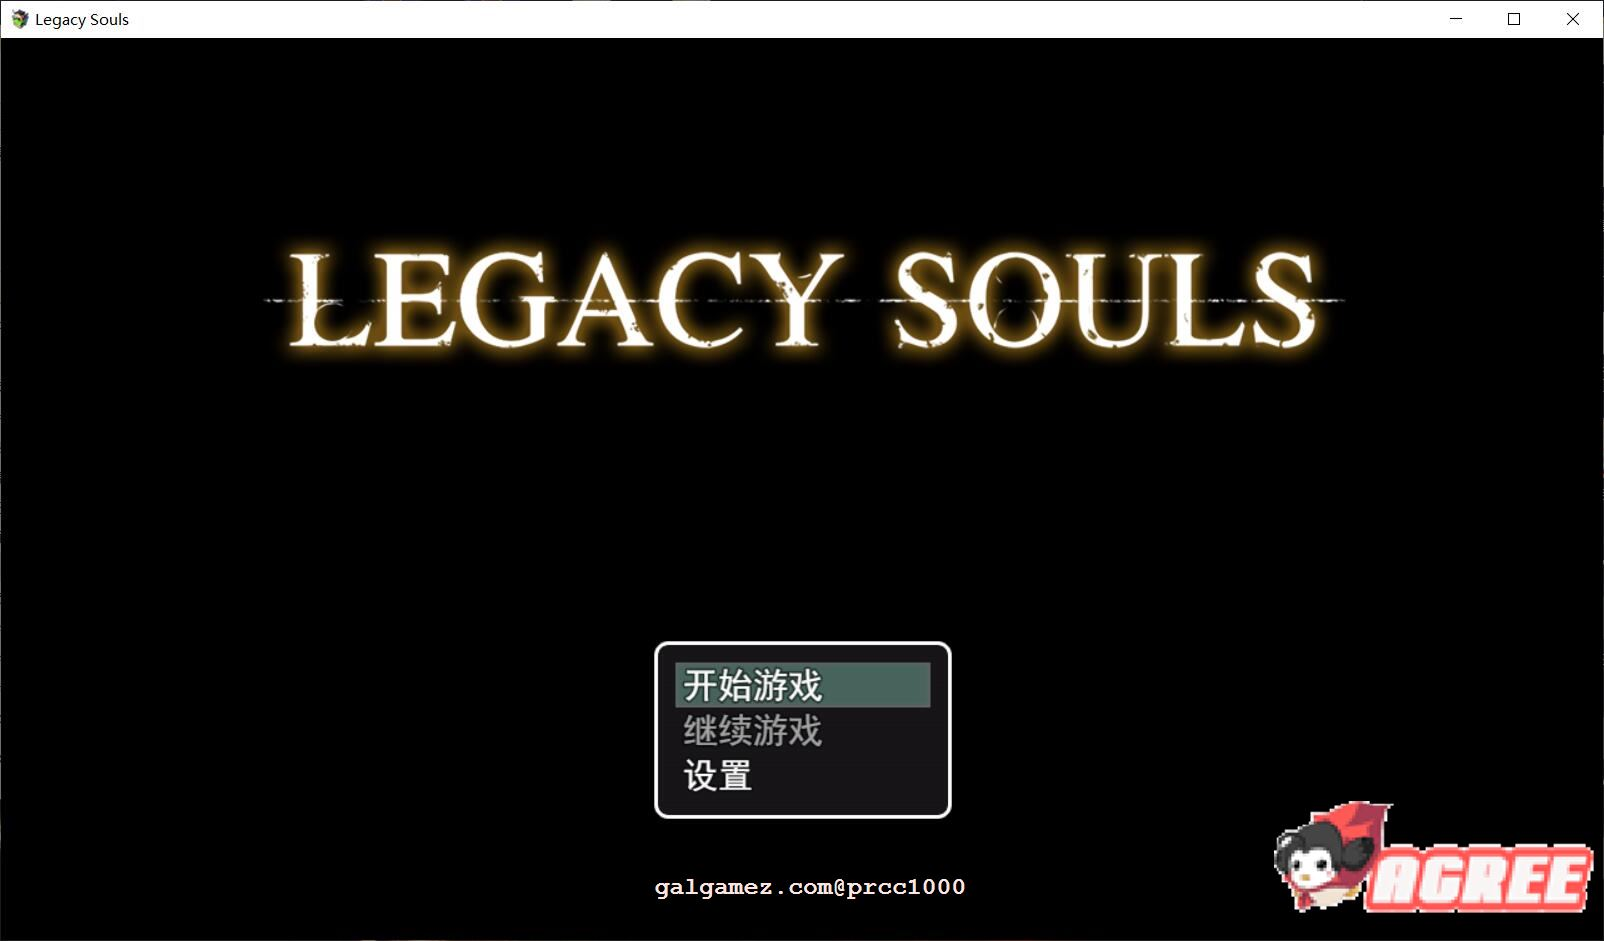 [RPG/中文/高还原度]遗留之魂Legacy Souls 官方中文版+CG[黑魂同人][百度][2.7G] 1